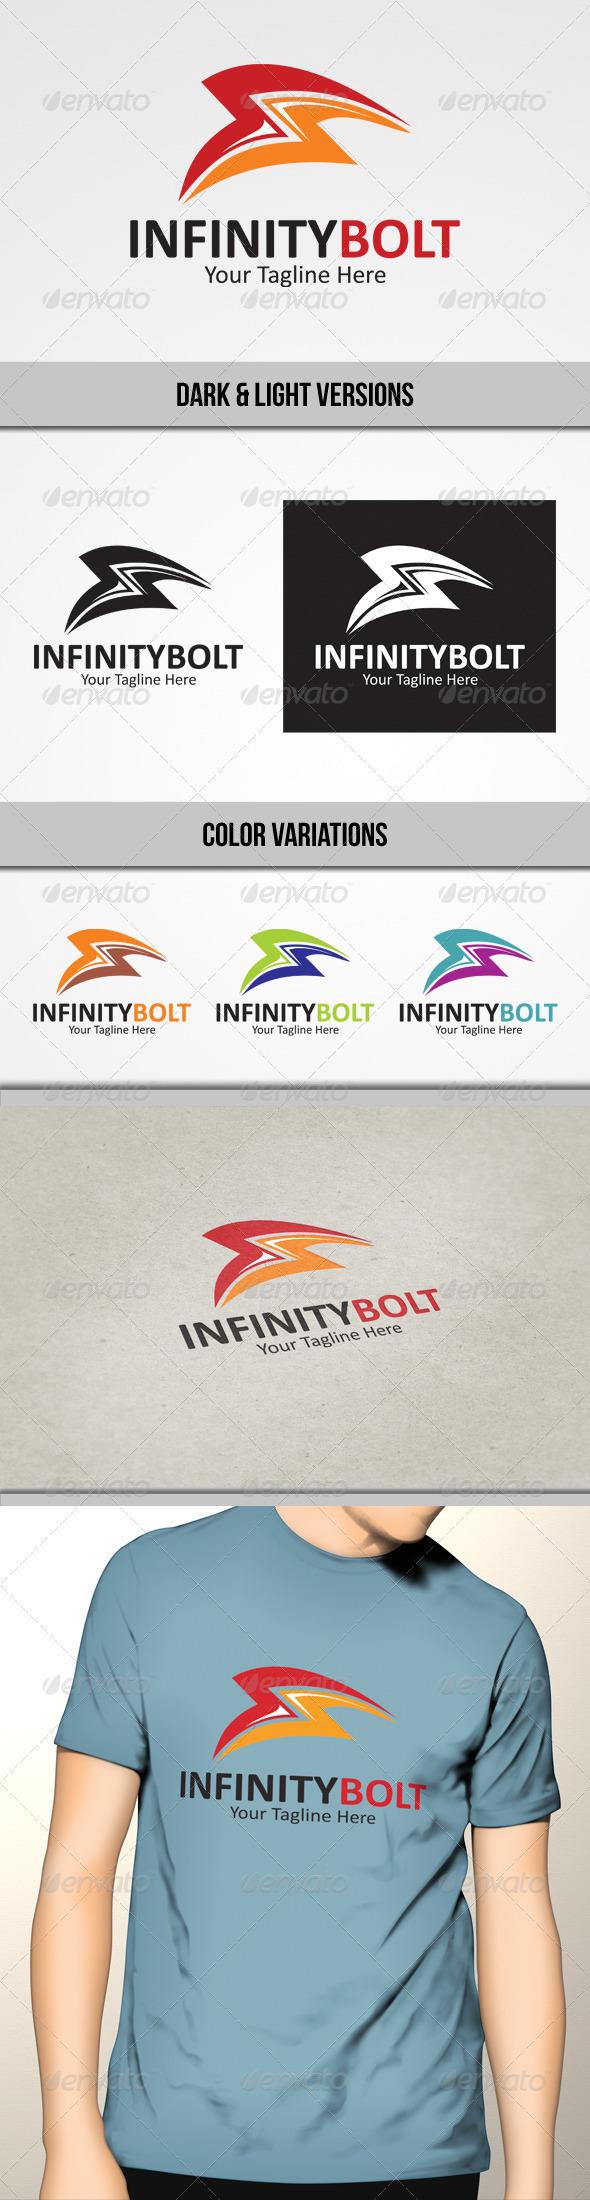 GraphicRiver Infinity Bolt Logo 4692910